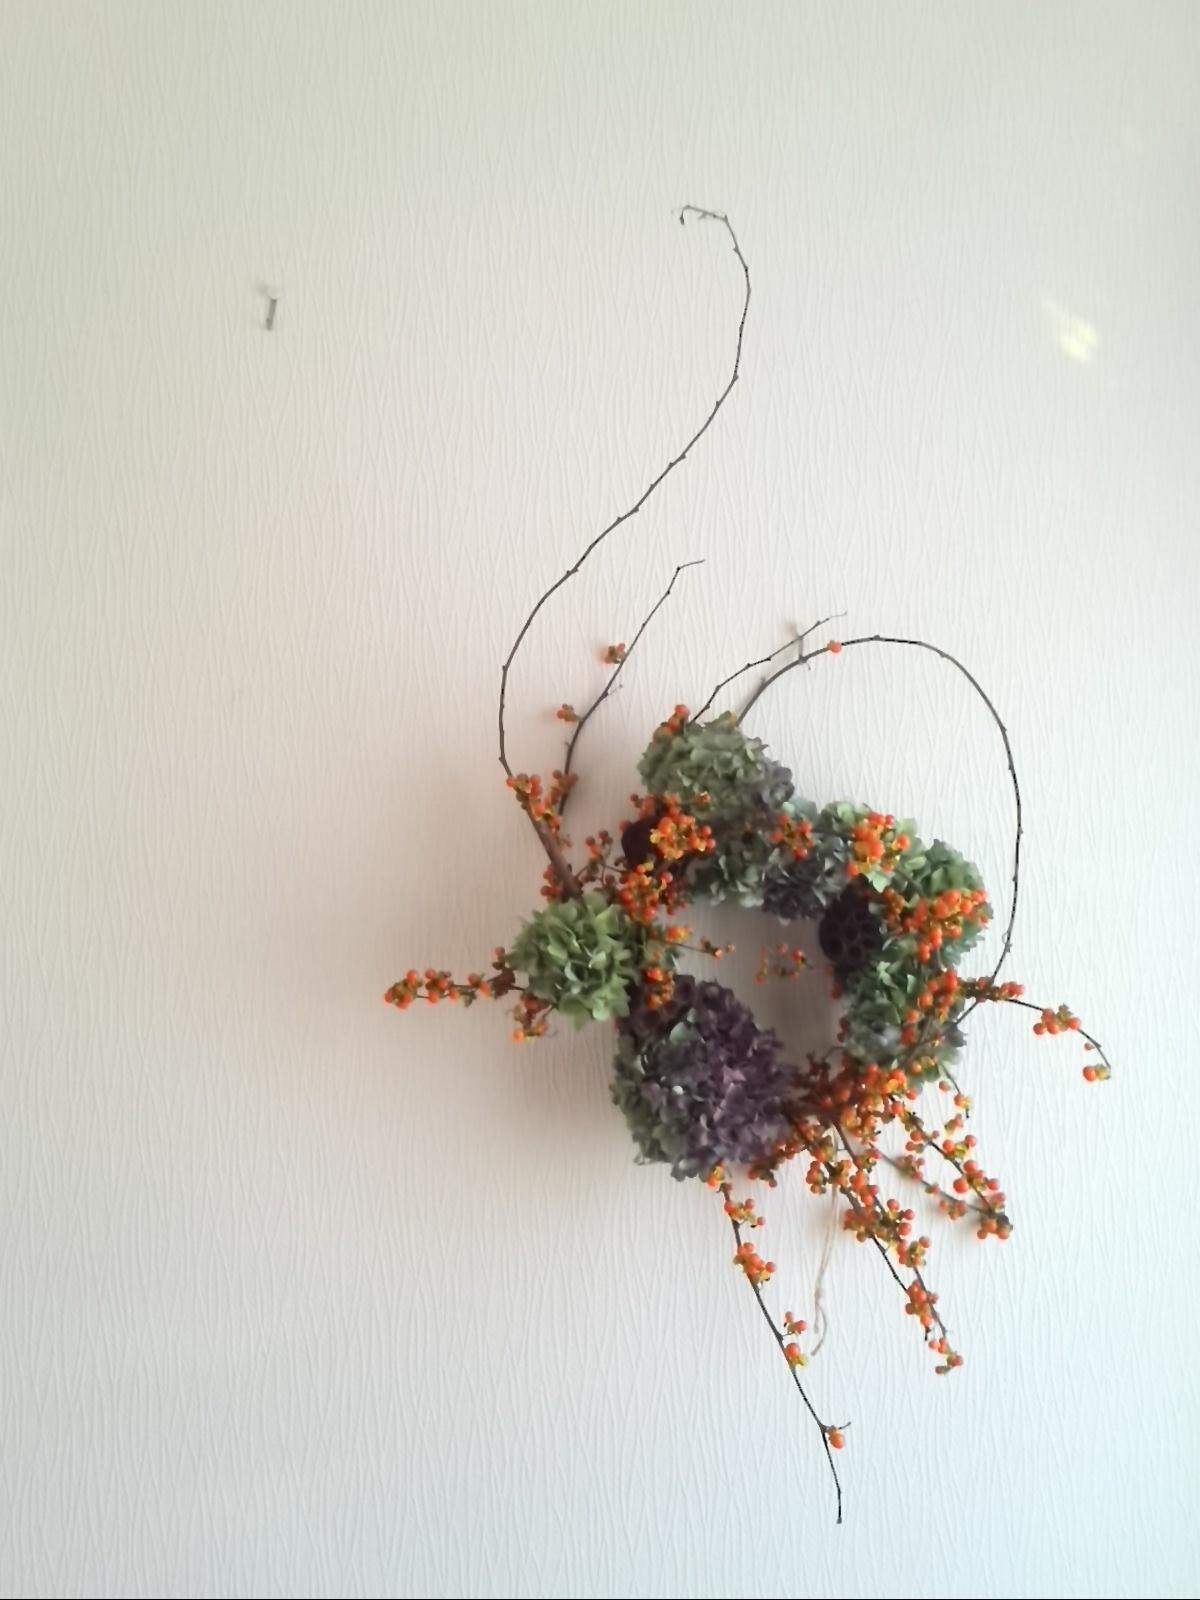 楽しくって美しくって感動! 初めて作った生花のリース♡_f0340942_22015558.jpg